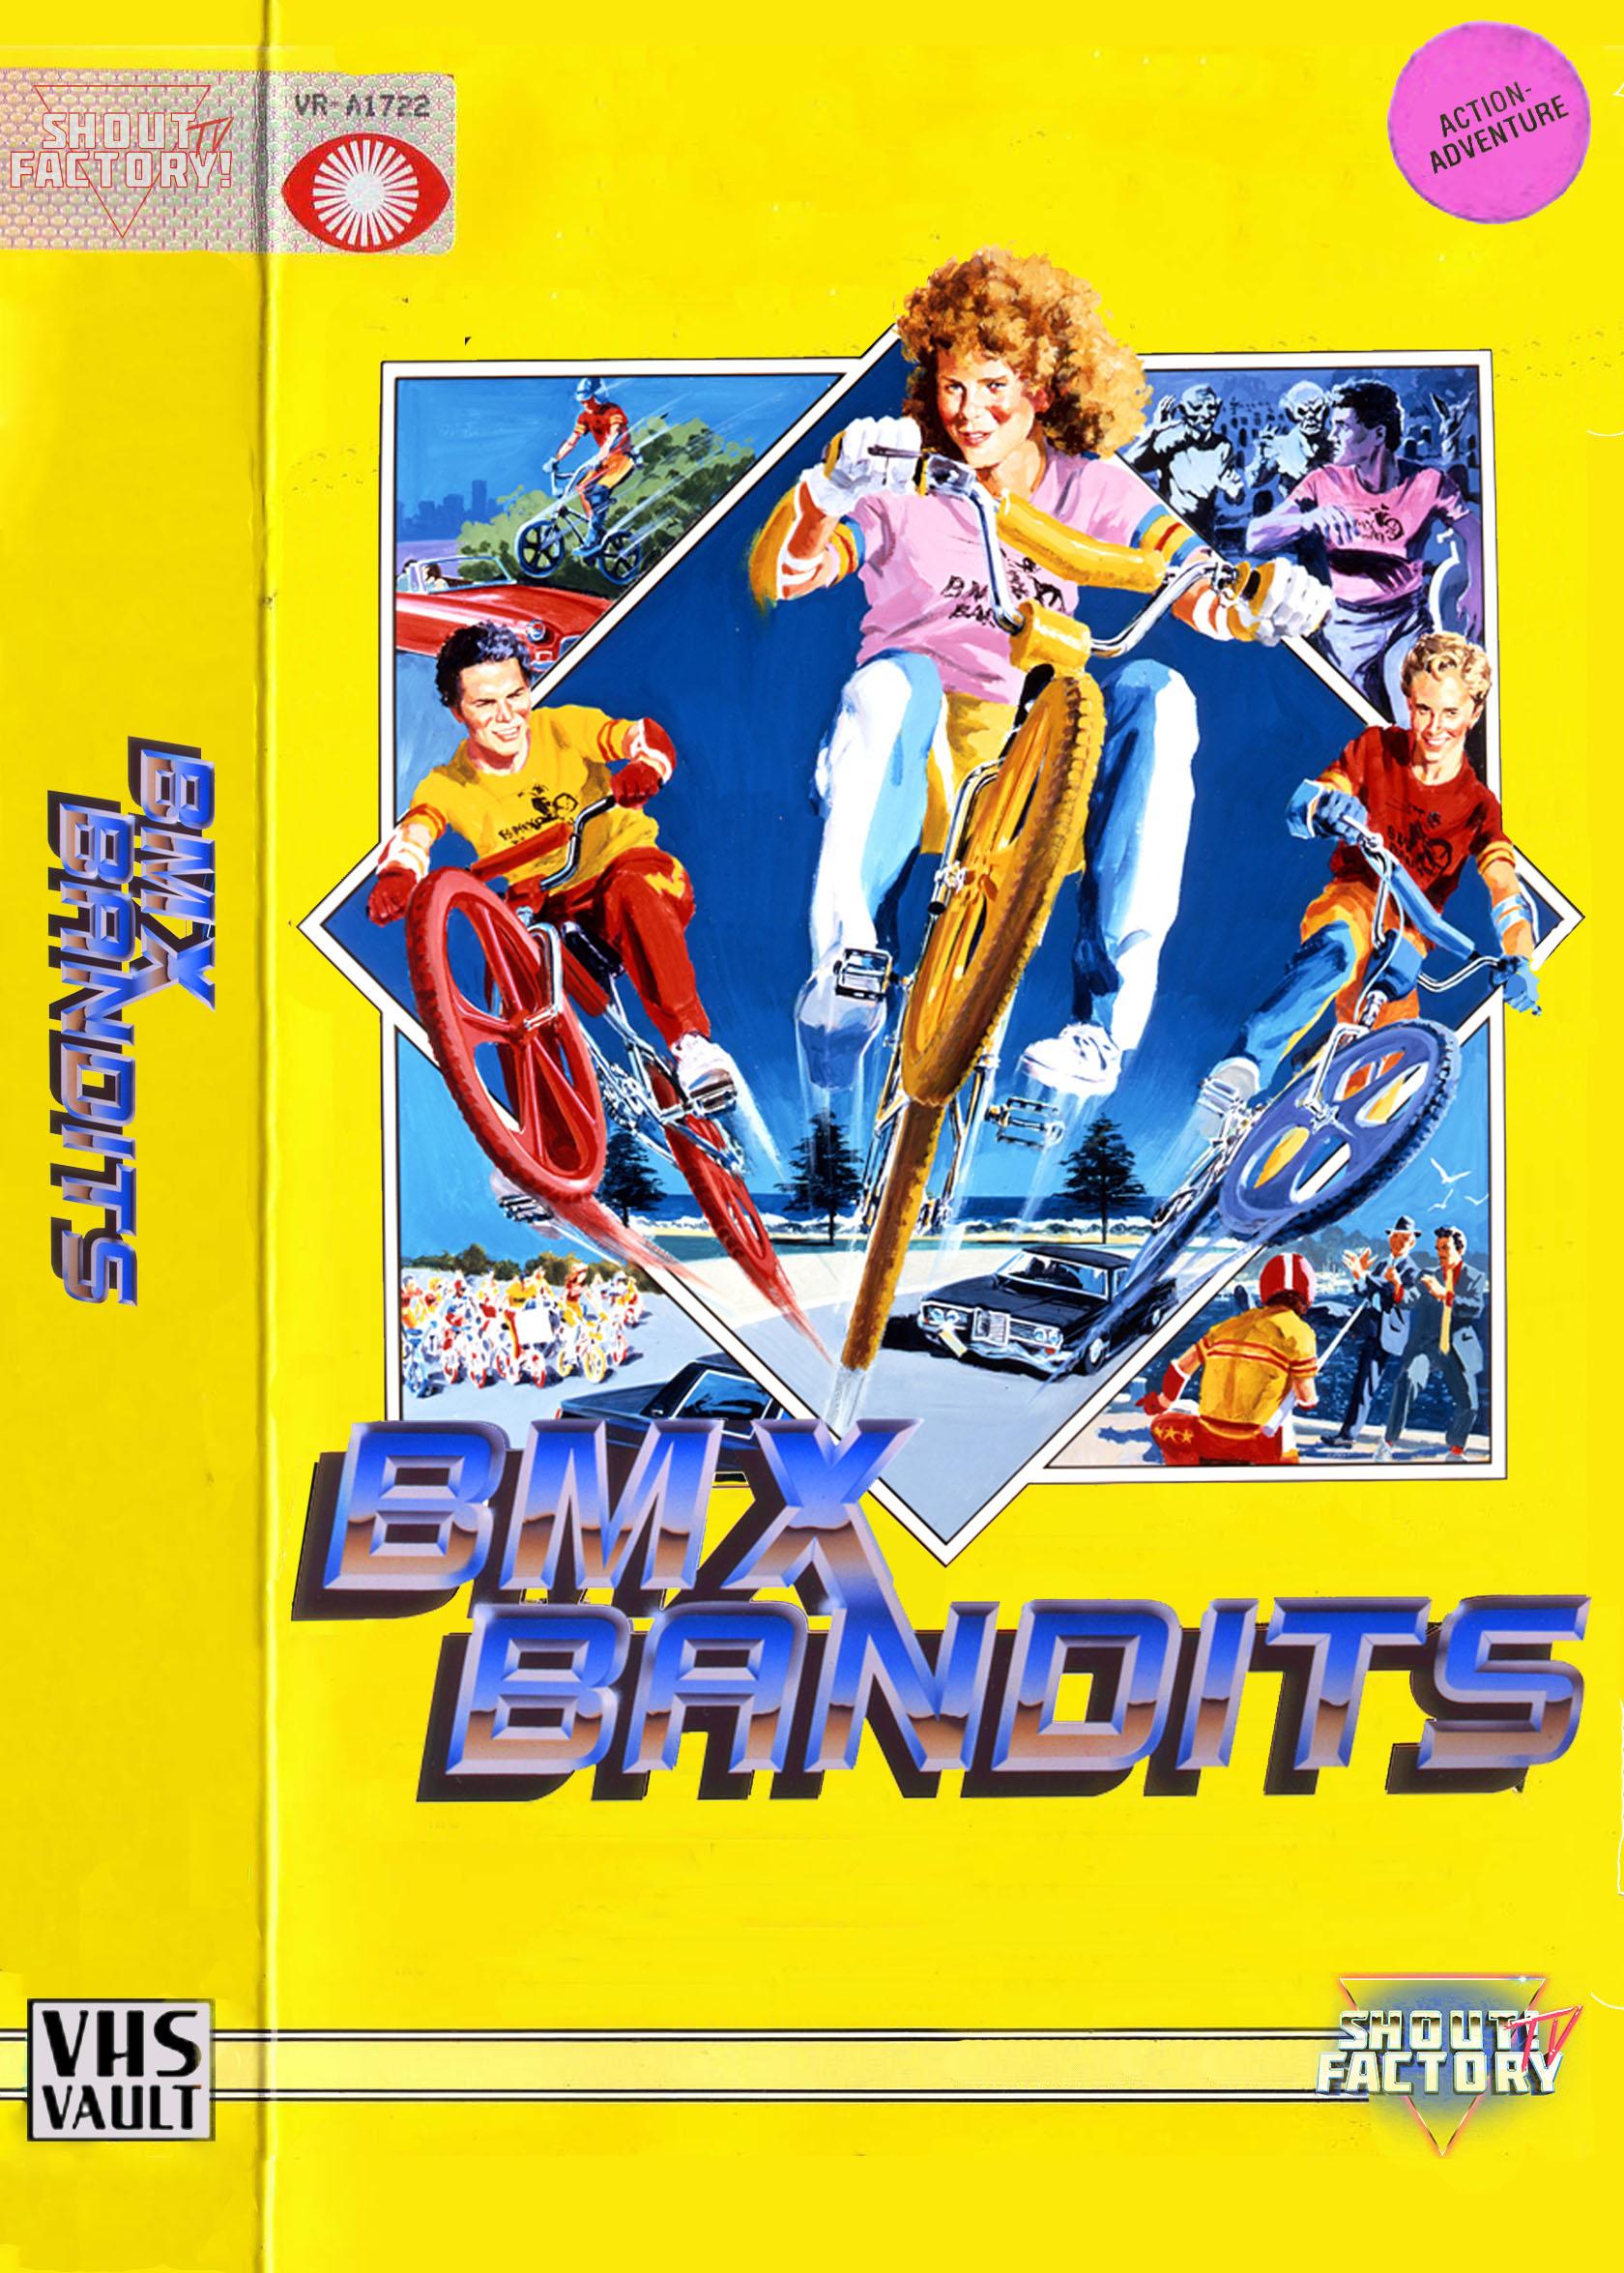 BMX Bandits [VHS Vault]